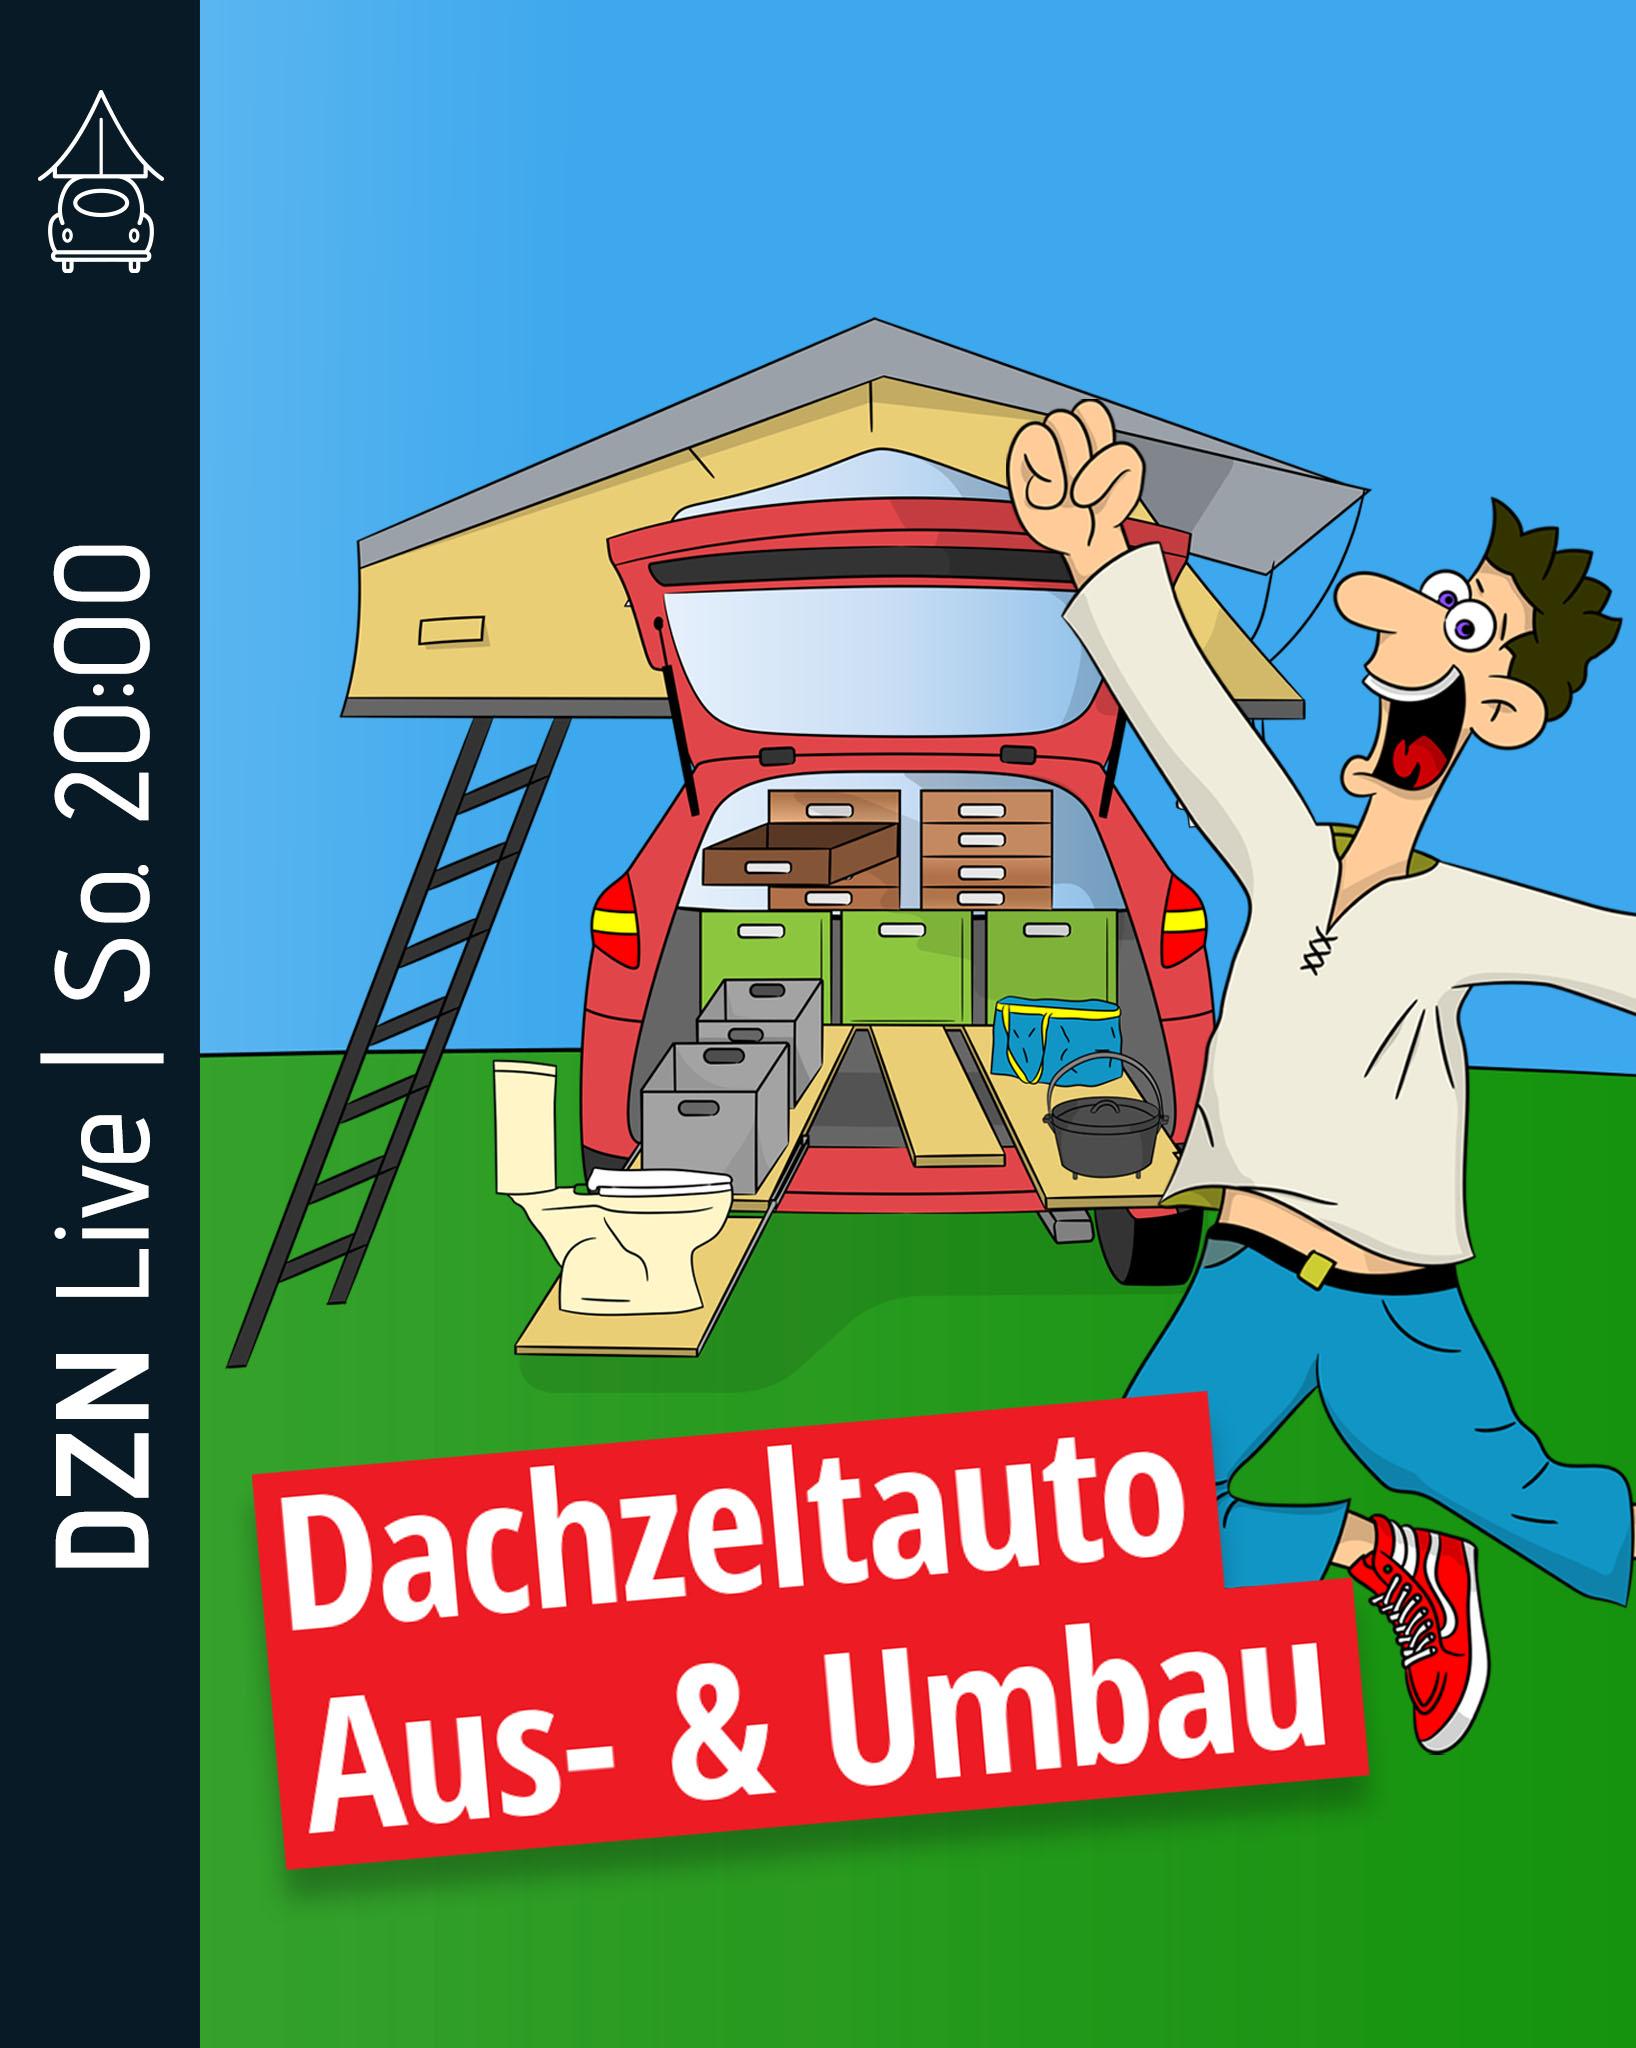 Wochenthema: Dachzeltauto Aus- & Umbau